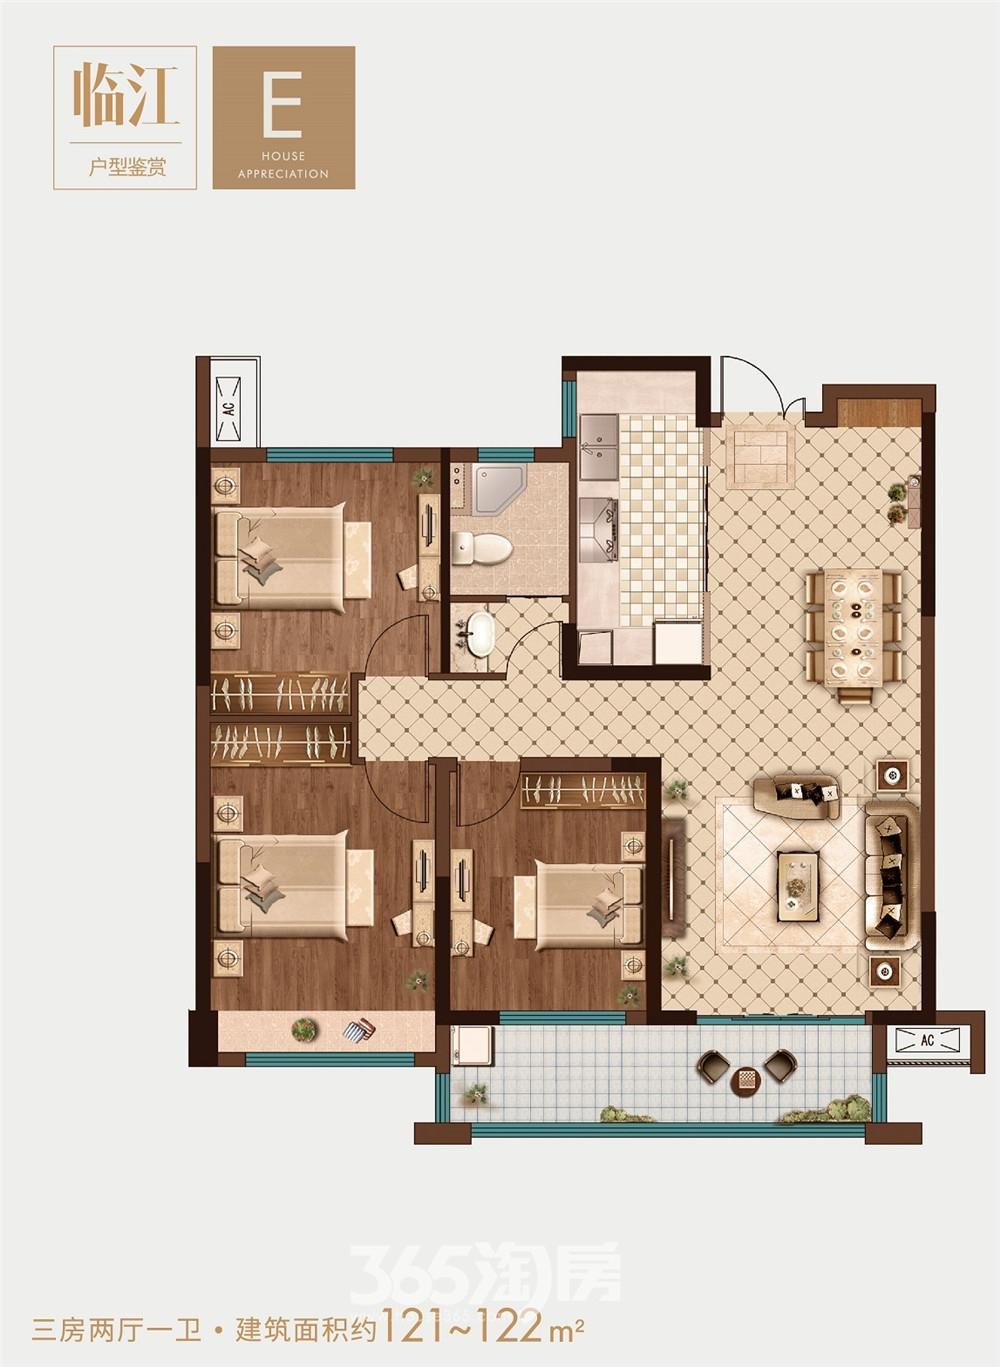 信达玥珑湾E户型临江三室两厅一卫121-122平